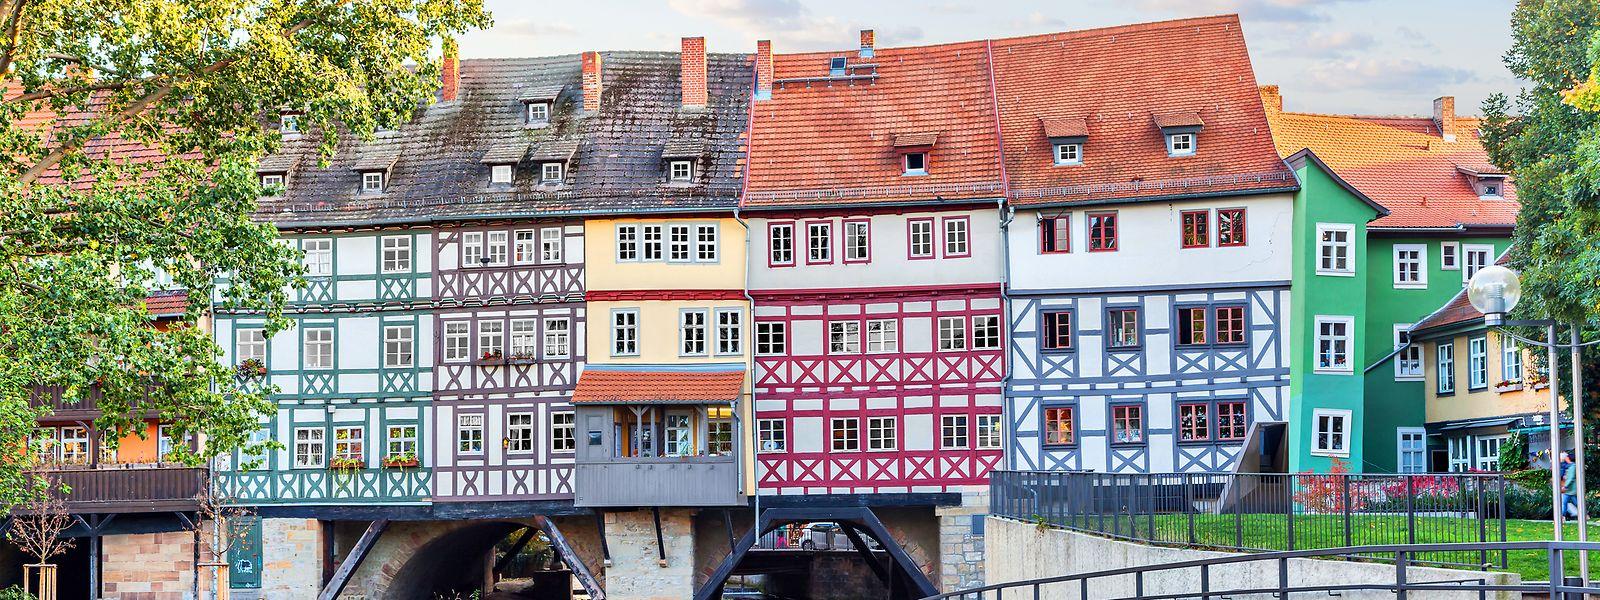 Mit 125 Metern ist die Krämerbrücke die längste durchgängig bebaute und bewohnte Brücke in Europa.